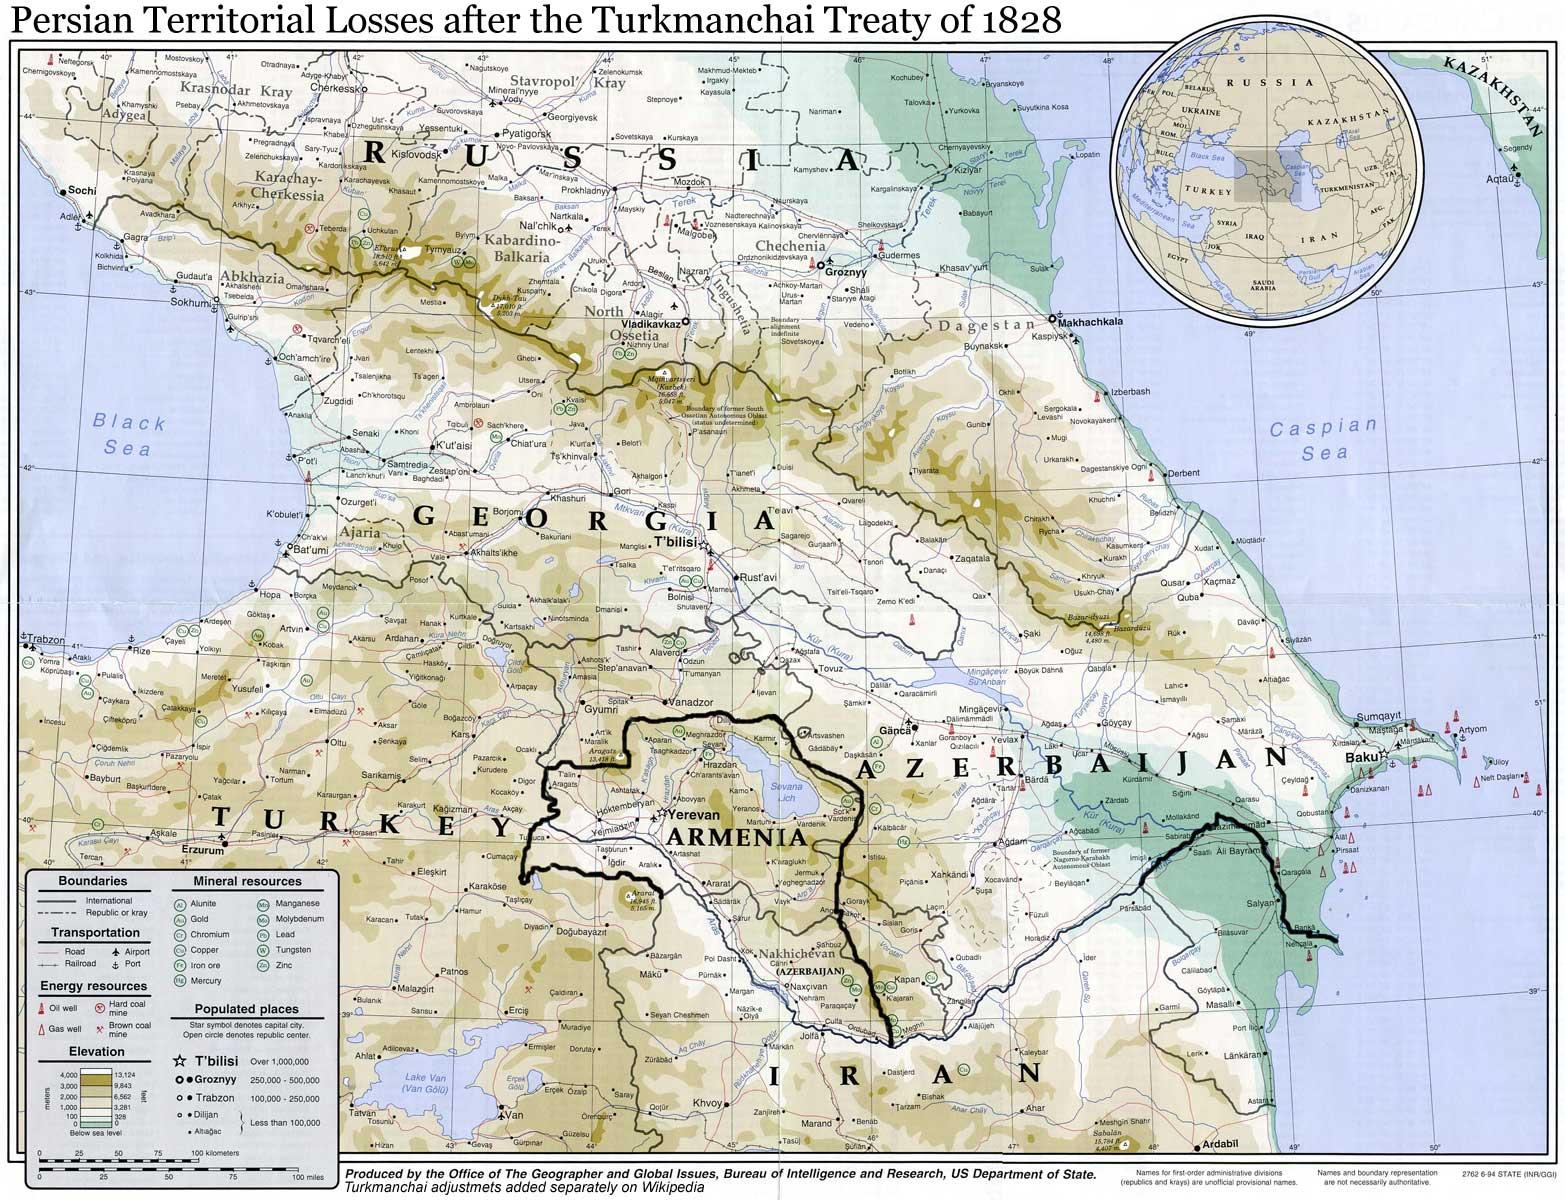 عهدنامه ترکمانچای